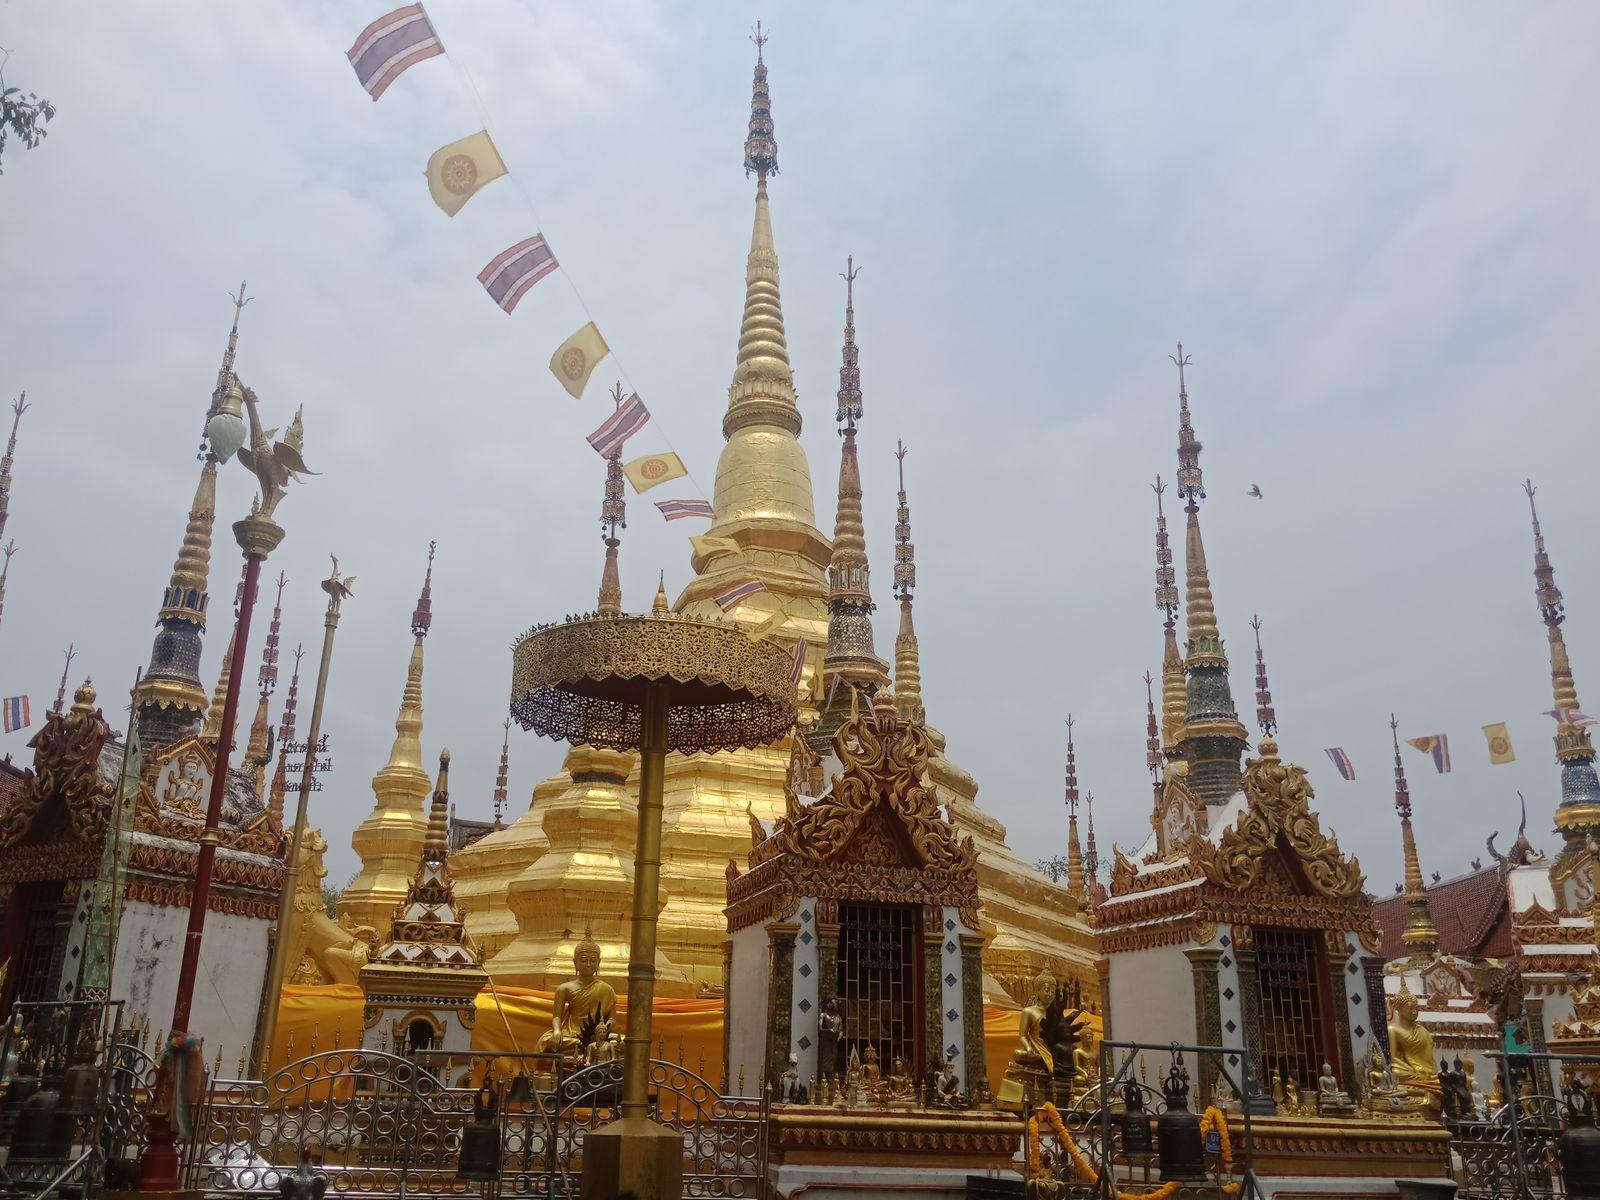 พระบรมธาตุบ้านตาก สร้างจำลองจากเจดีย์ชเวดากอง ประเทศพม่า